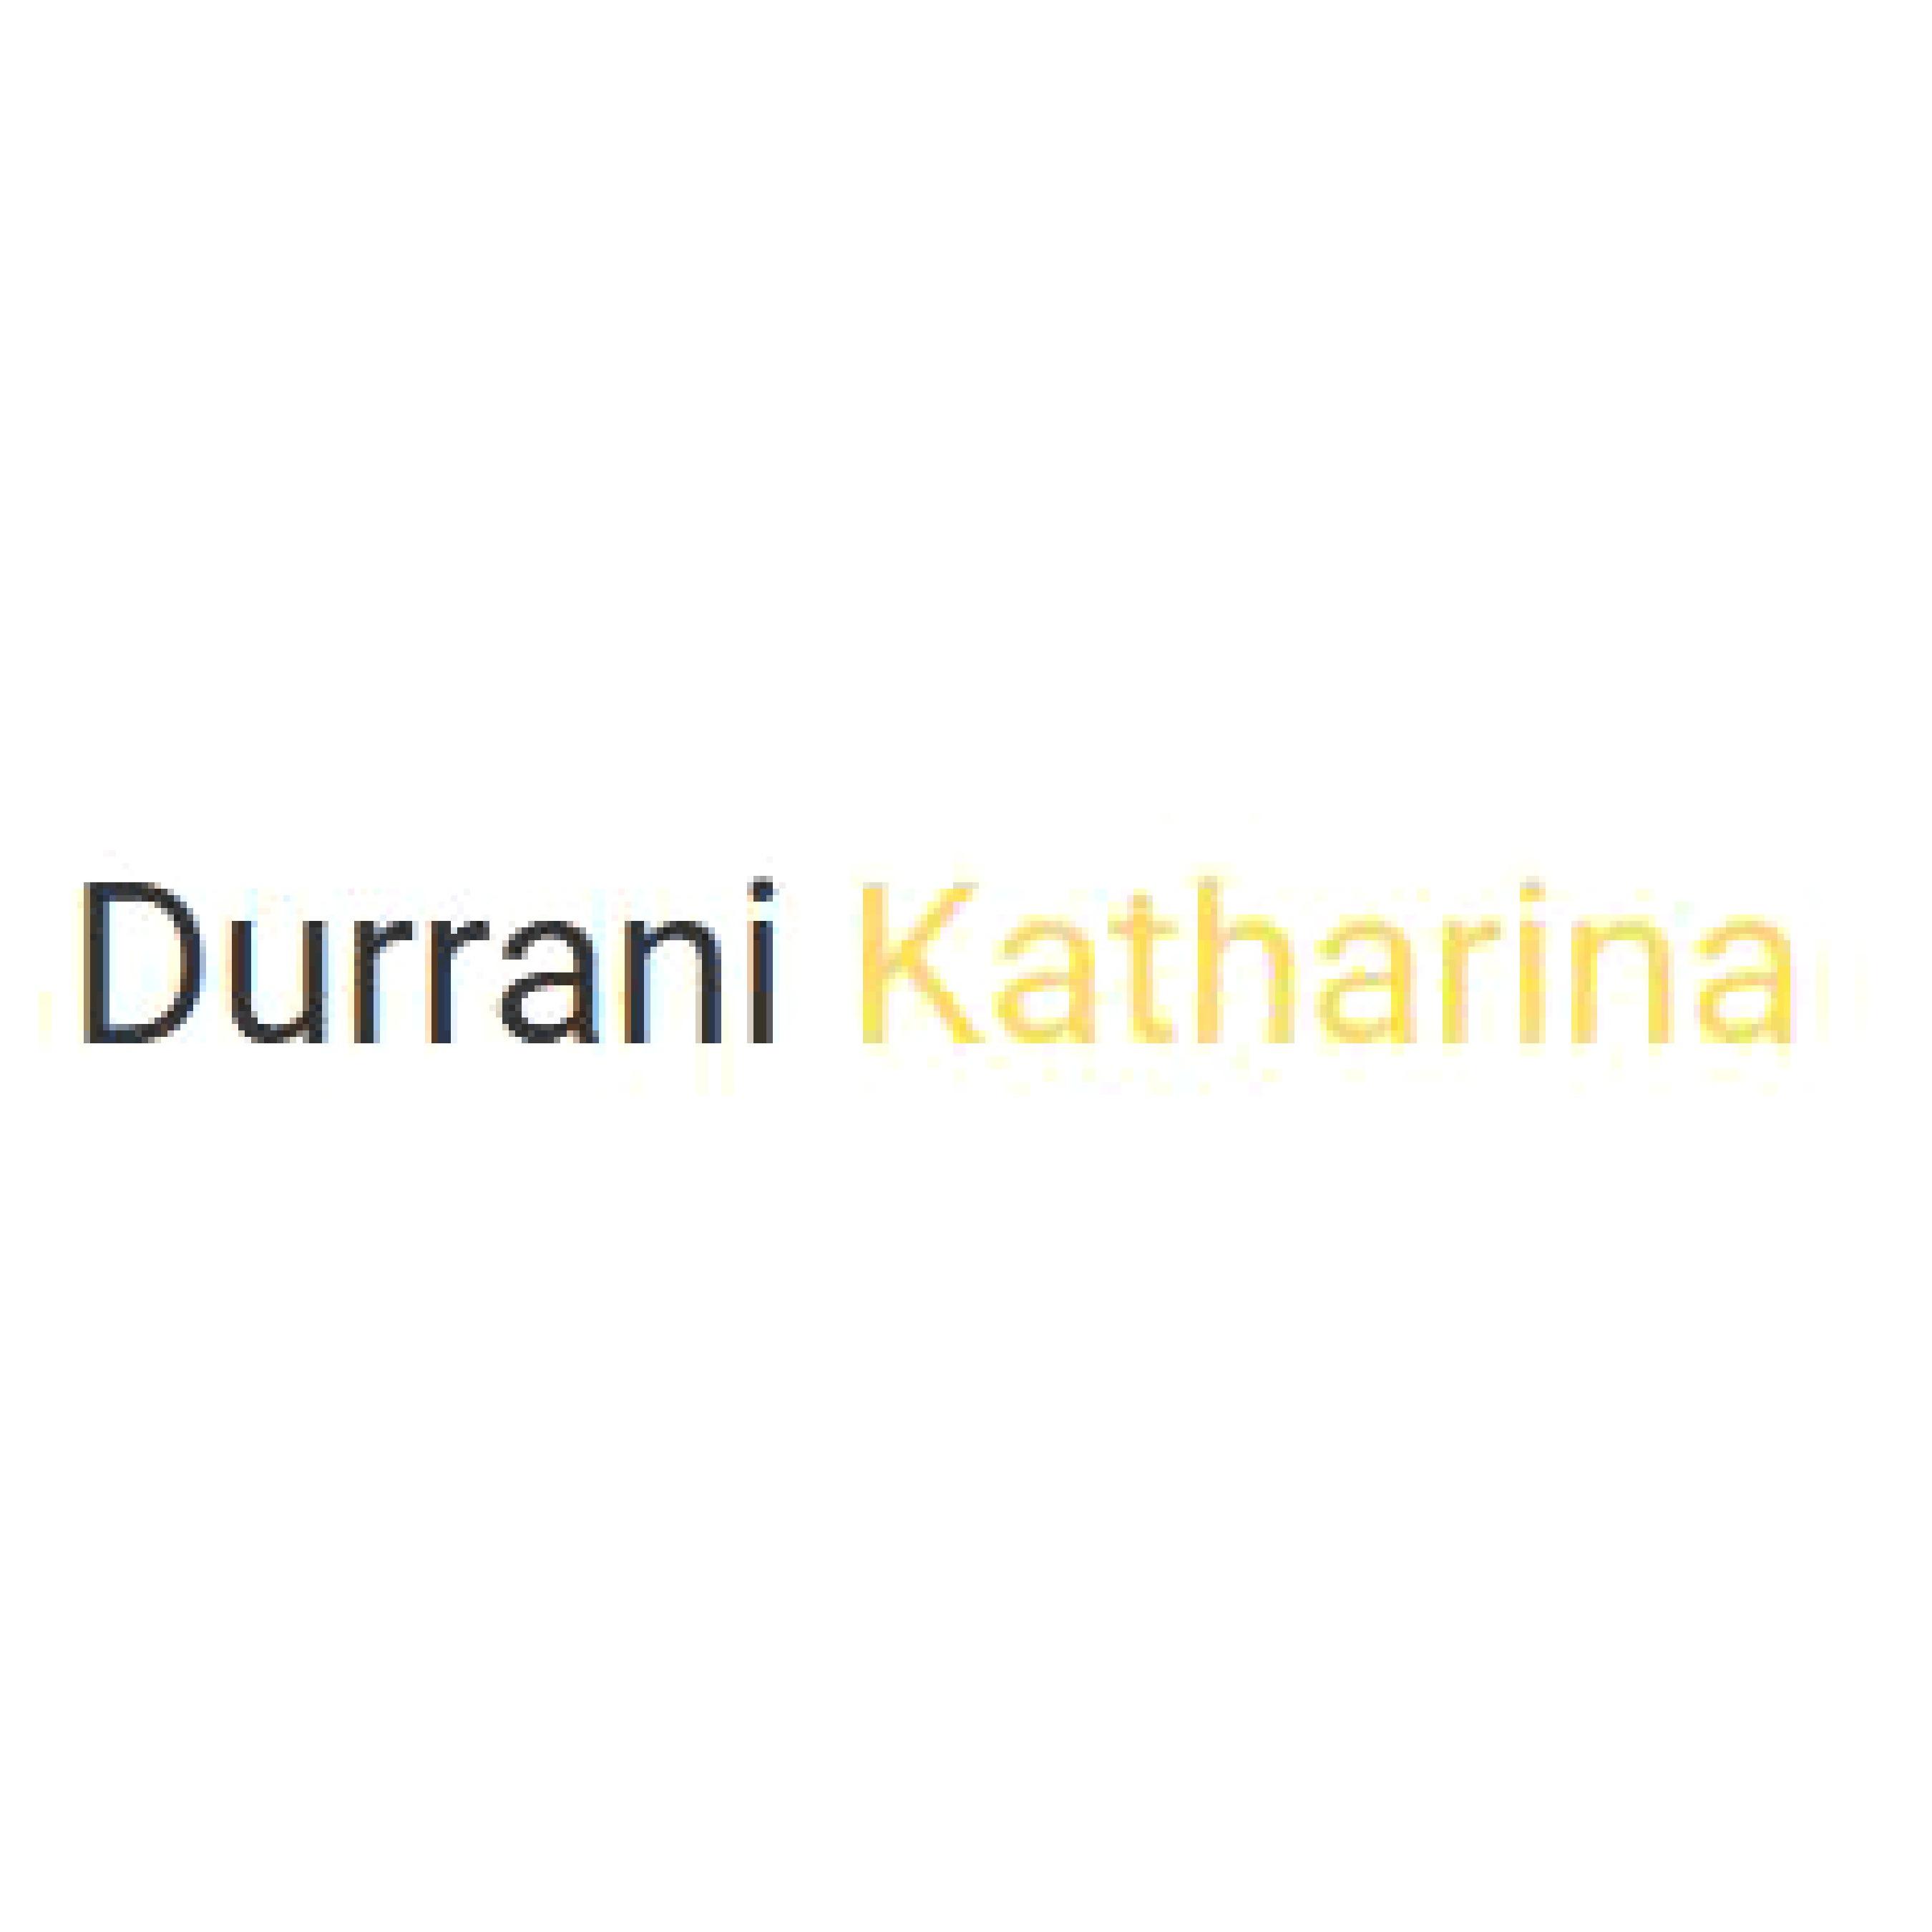 Katharina Durrani